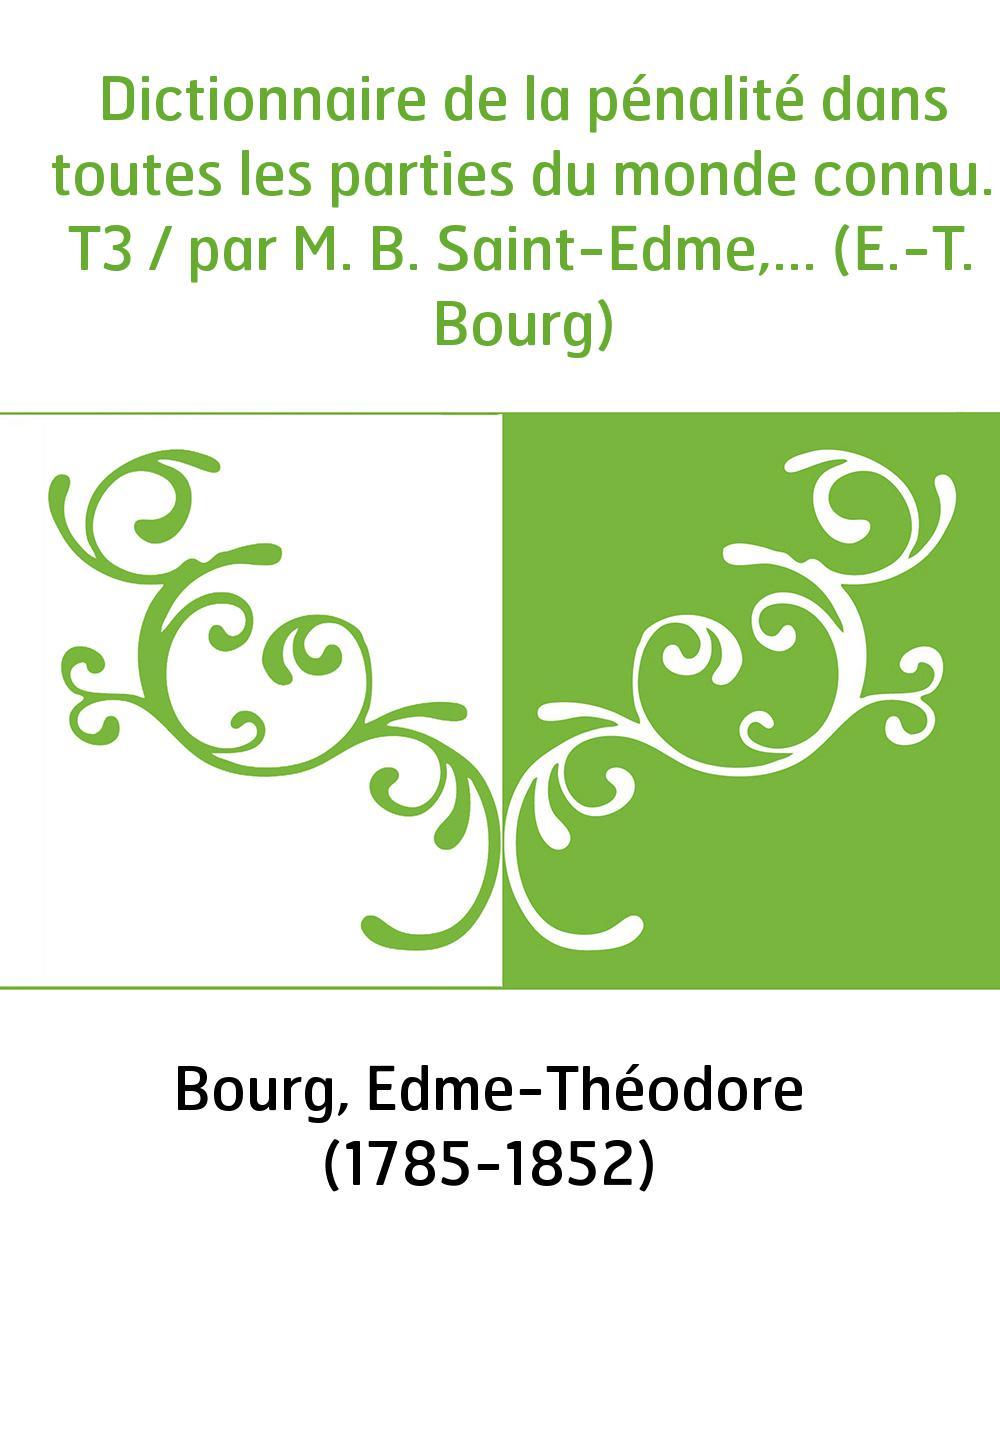 Dictionnaire de la pénalité dans toutes les parties du monde connu. T3 / par M. B. Saint-Edme,... (E.-T. Bourg)